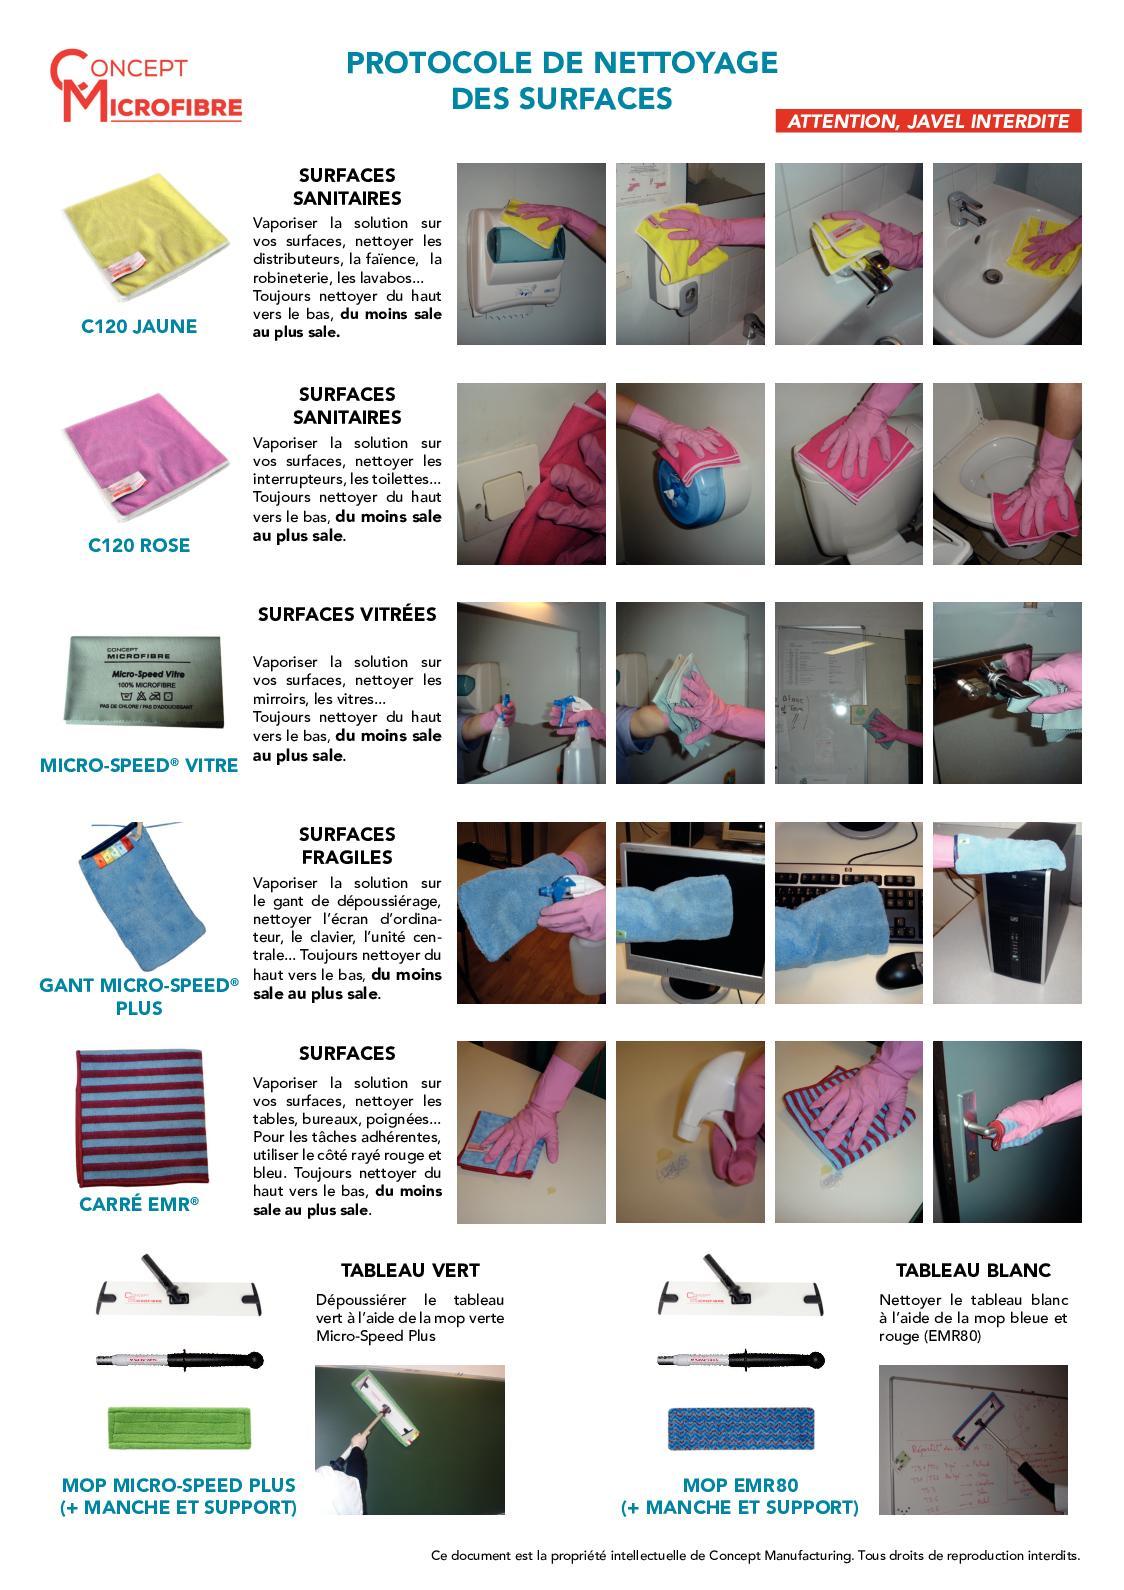 Comment Nettoyer Un Tableau Blanc : comment, nettoyer, tableau, blanc, Calaméo, Collectivité, Protocole, Nettoyage, Surfaces, Lycee